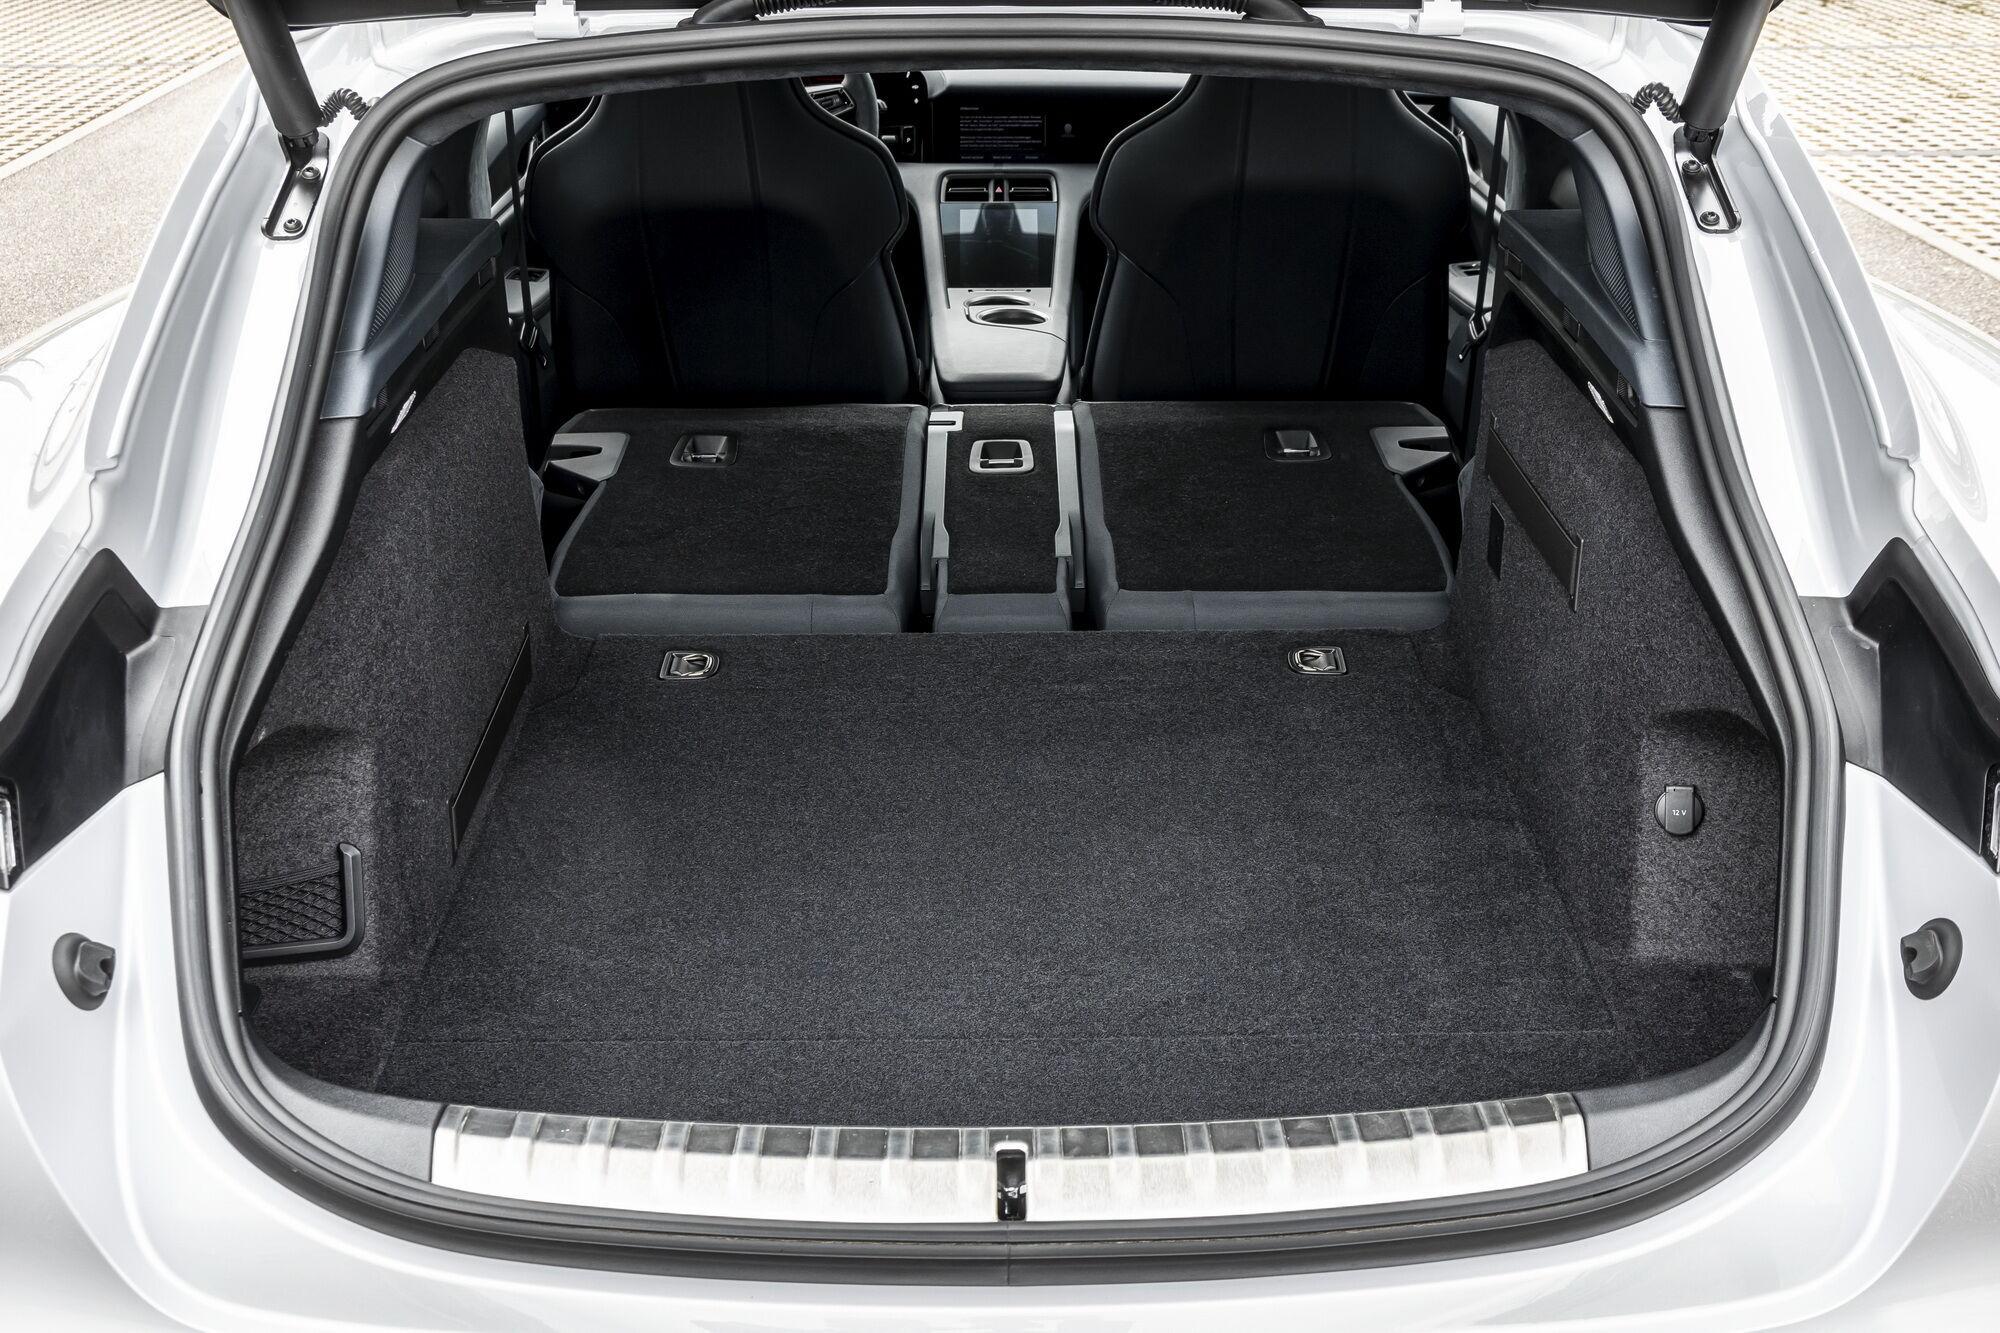 Объем багажного отделения может варьироваться в зависимости от положения заднего ряда сидений от 446 до 1212 л